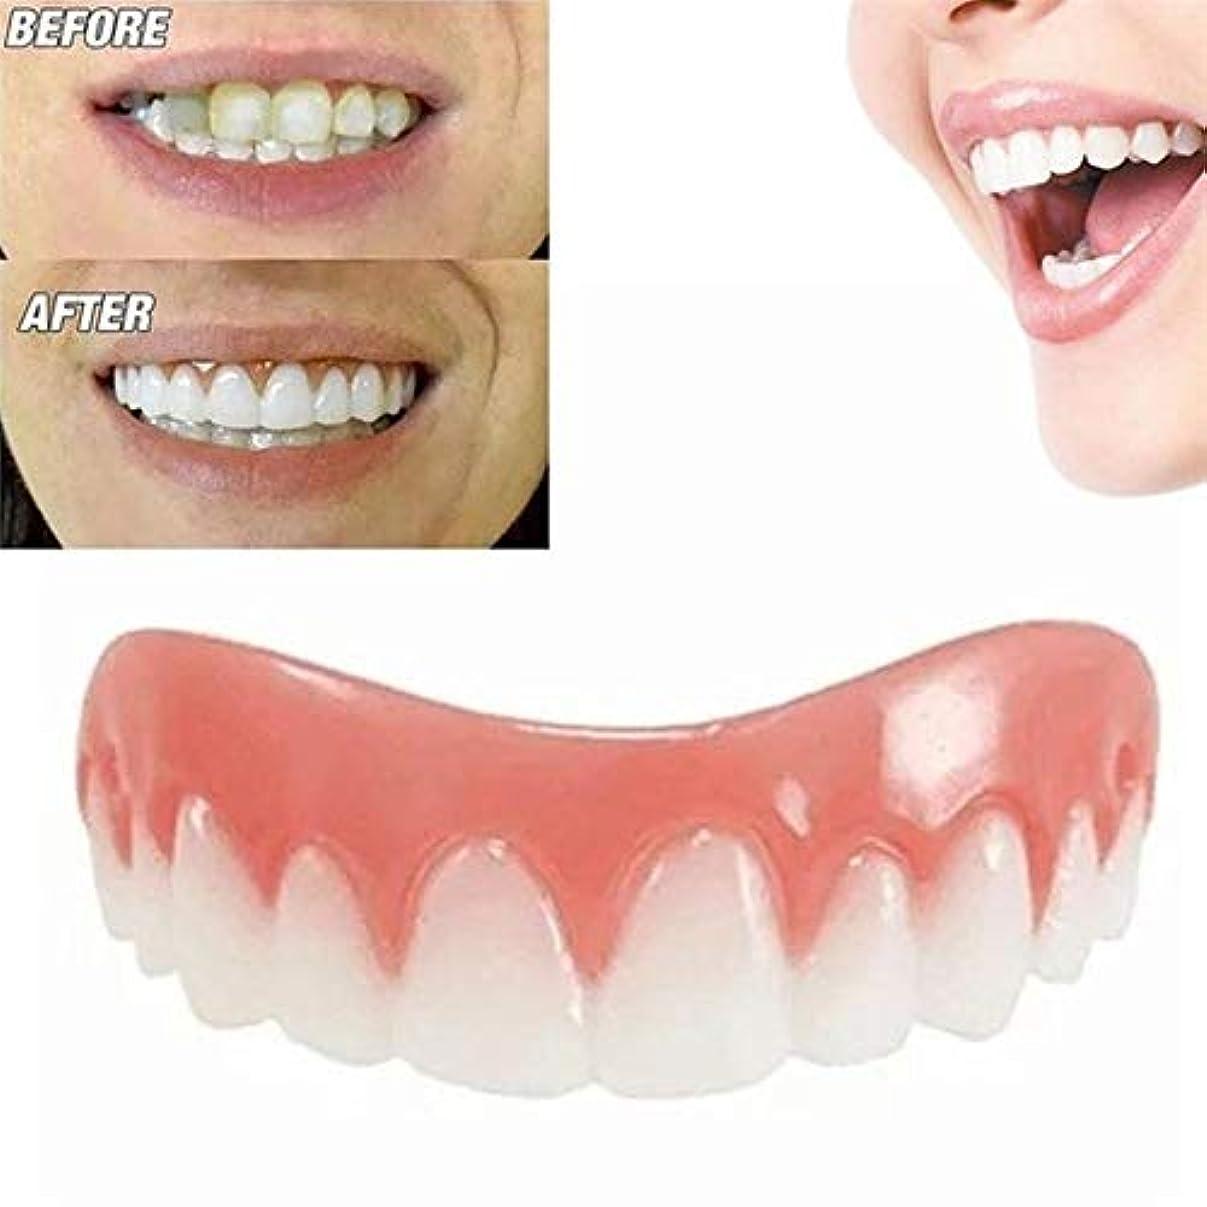 バレエ切る軽量30個完璧な笑顔のベニヤ偽の歯アッパー偽の歯のカバー悪い歯のための歯のためのあなたに与えます完璧な笑顔のベニヤ - ワンサイズフィット